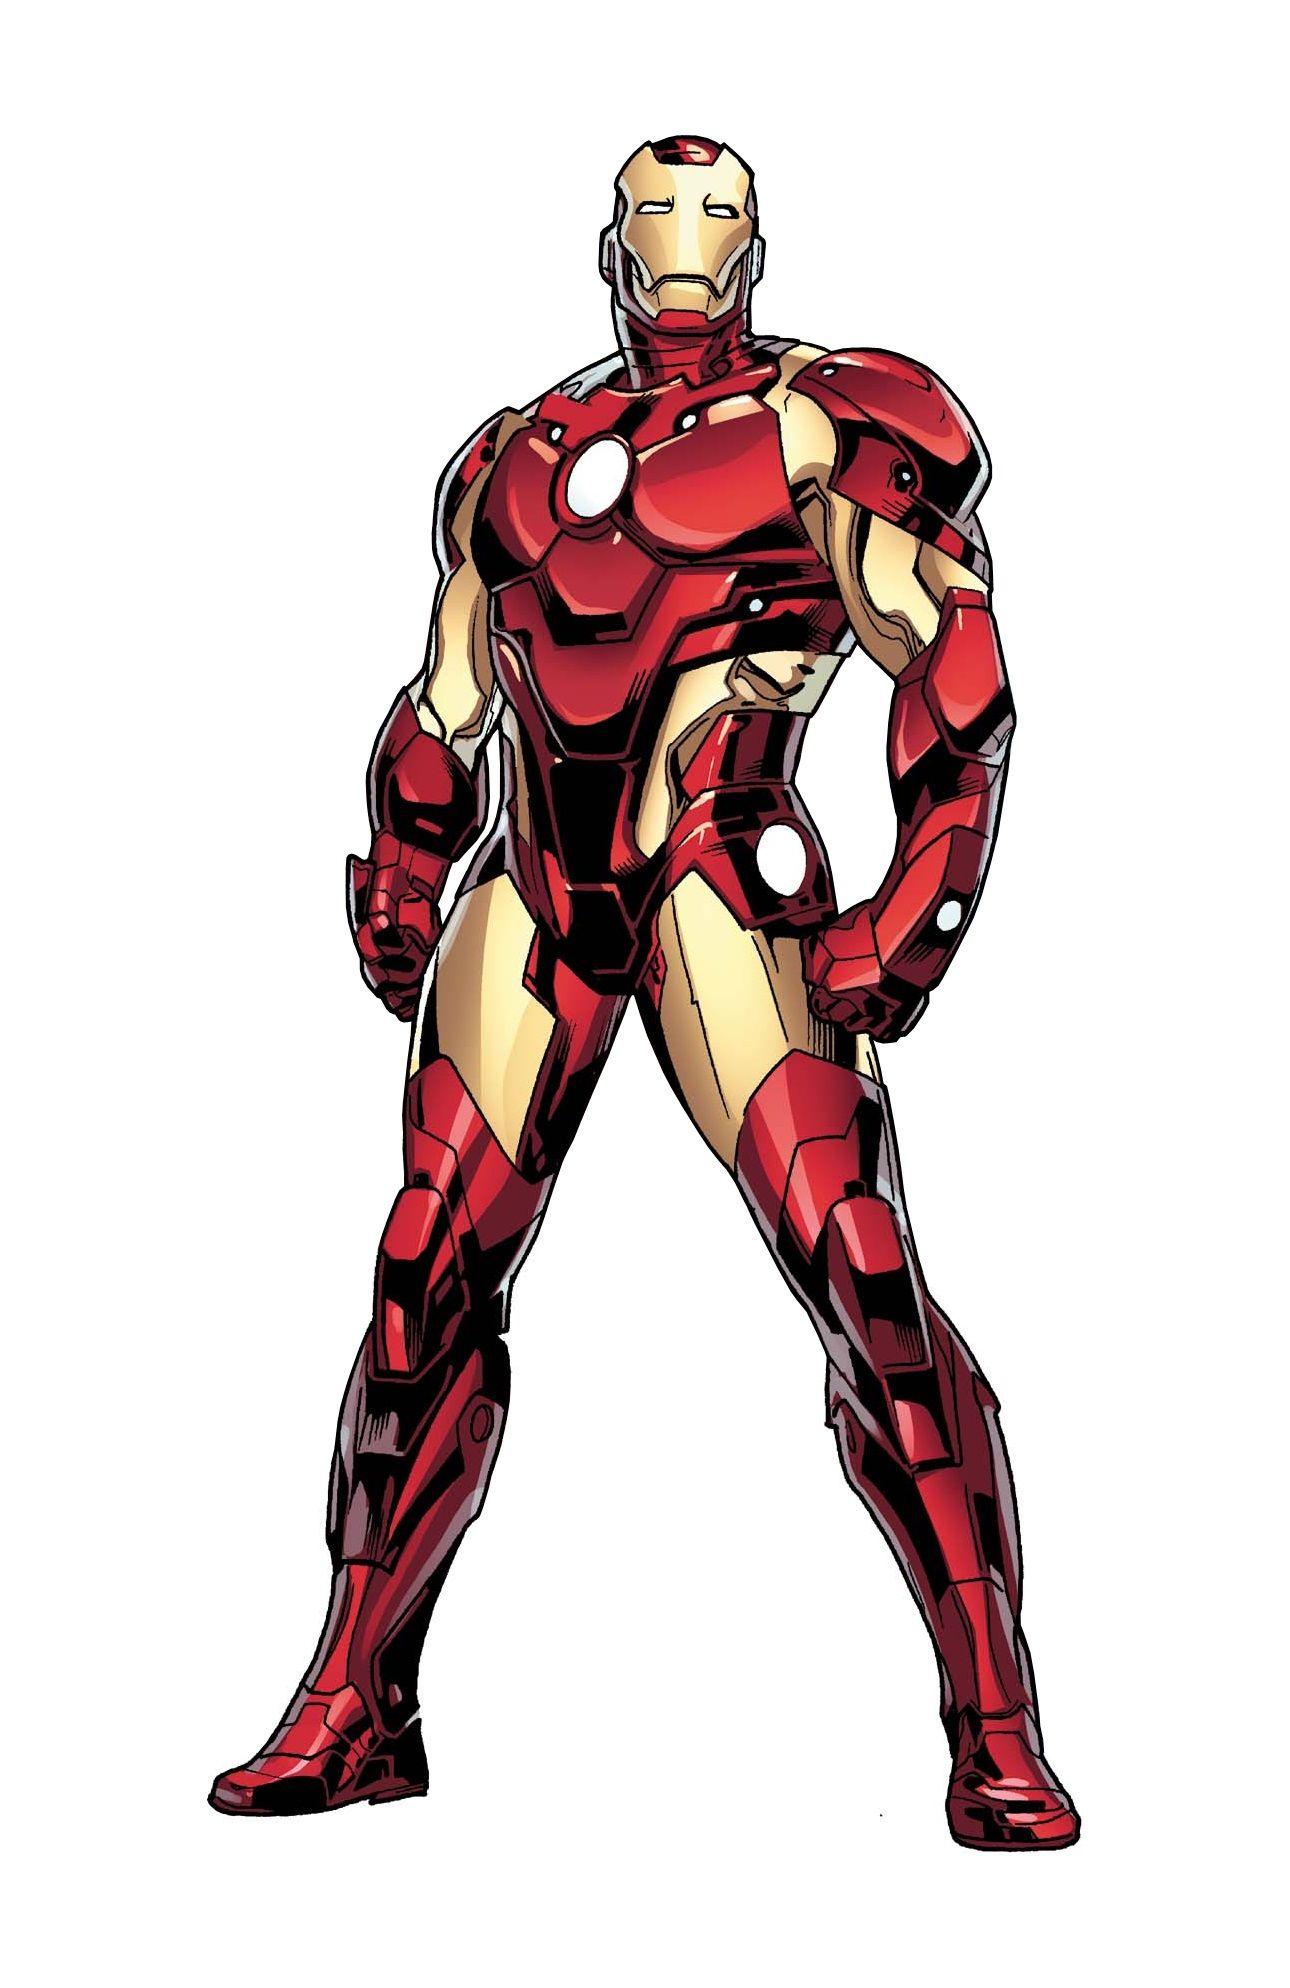 Iron Man Armor Model 37 Iron Man Comic Iron Man Comic Art Iron Man Cartoon